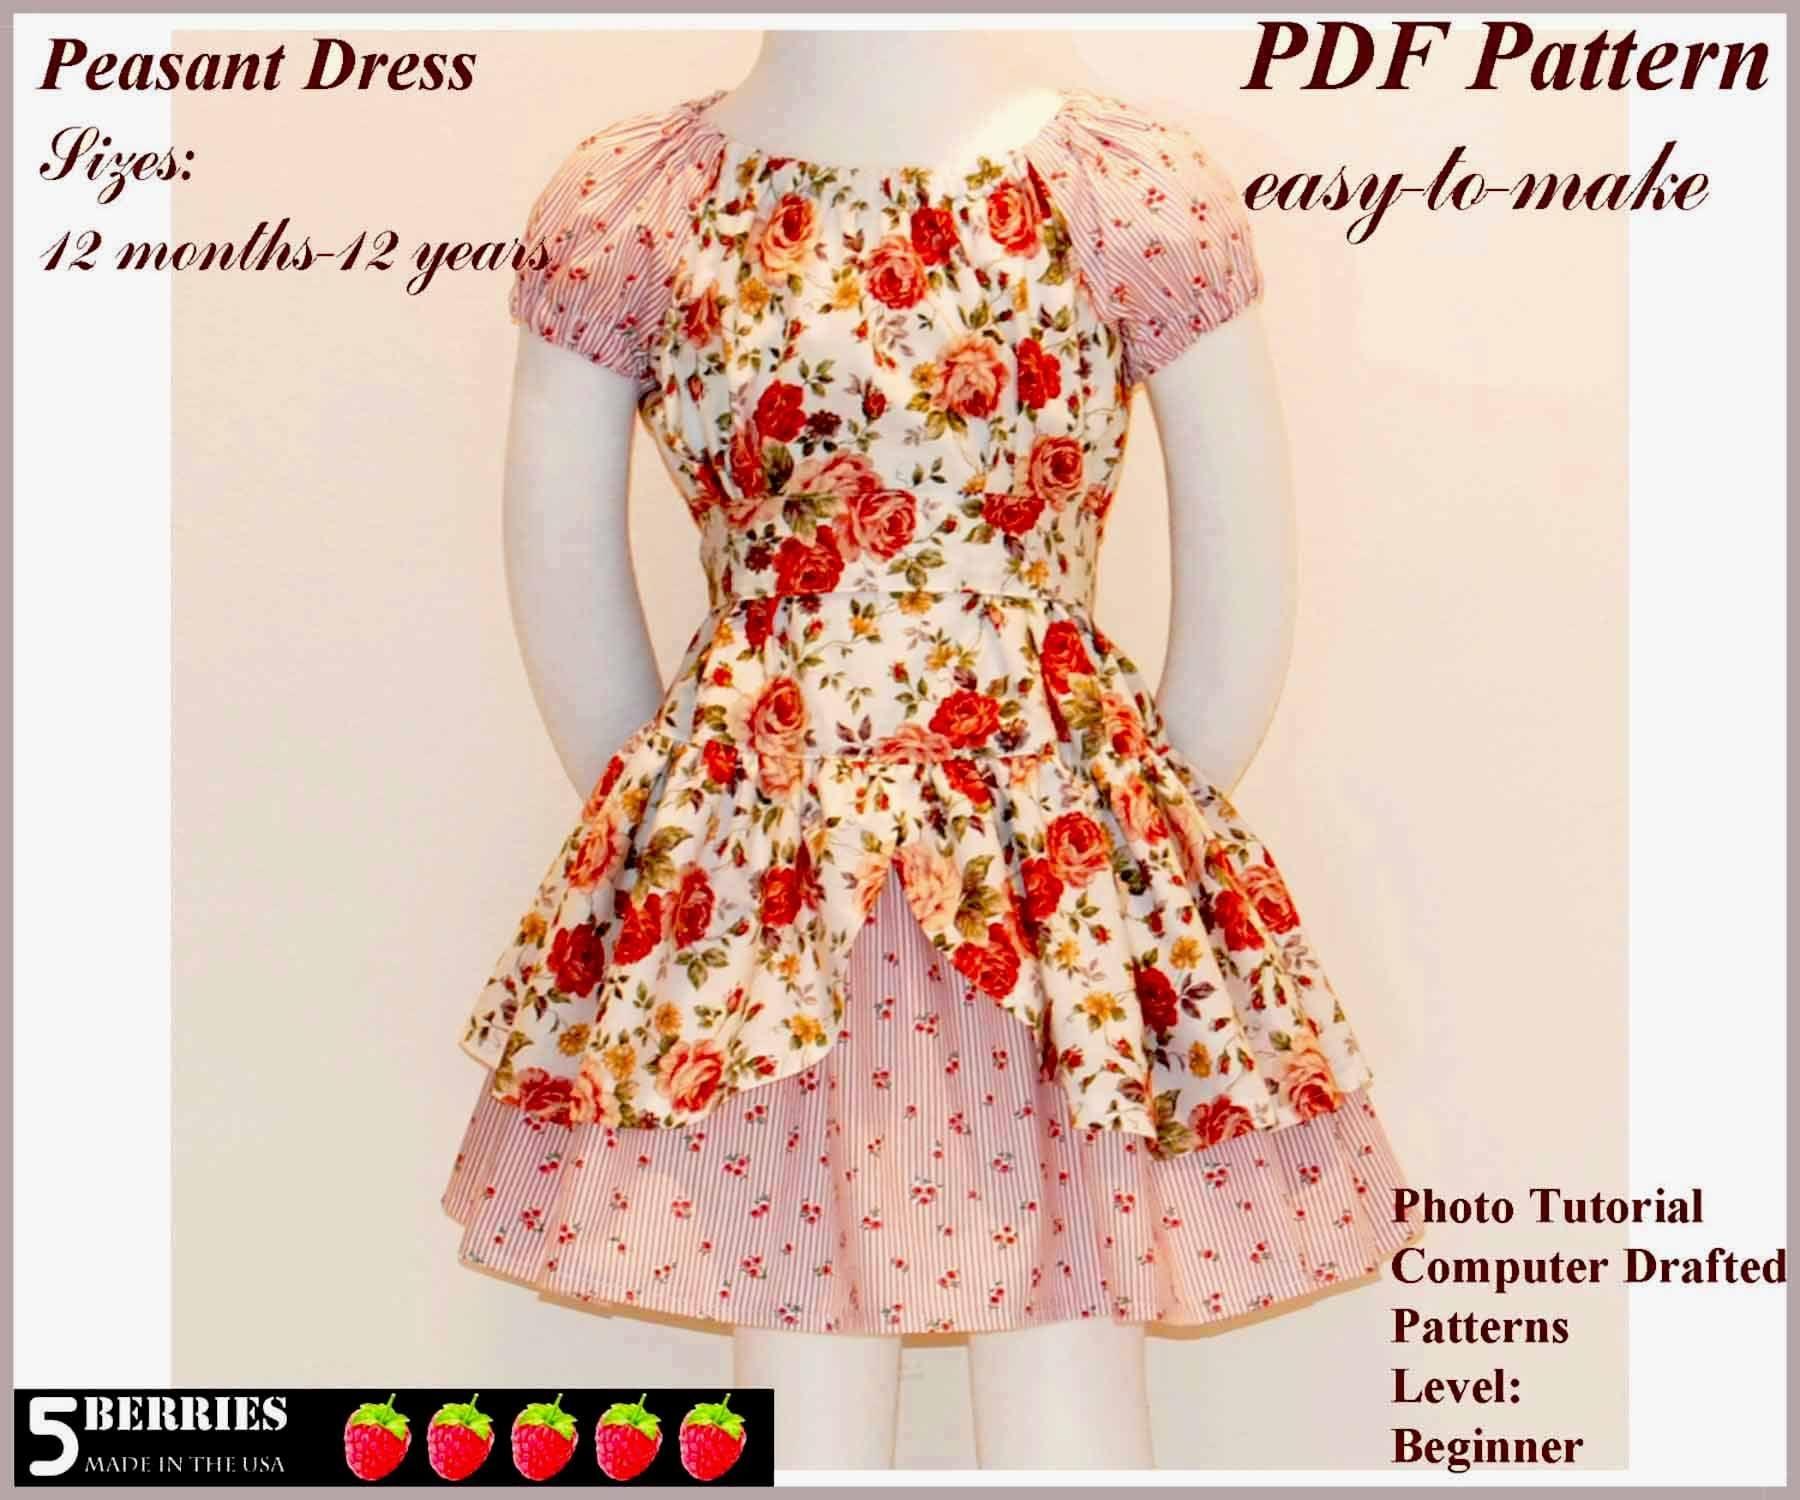 Free Printable Sewing Patterns   Alexandra Girls Dress Sewing - Free Printable Sewing Patterns For Kids